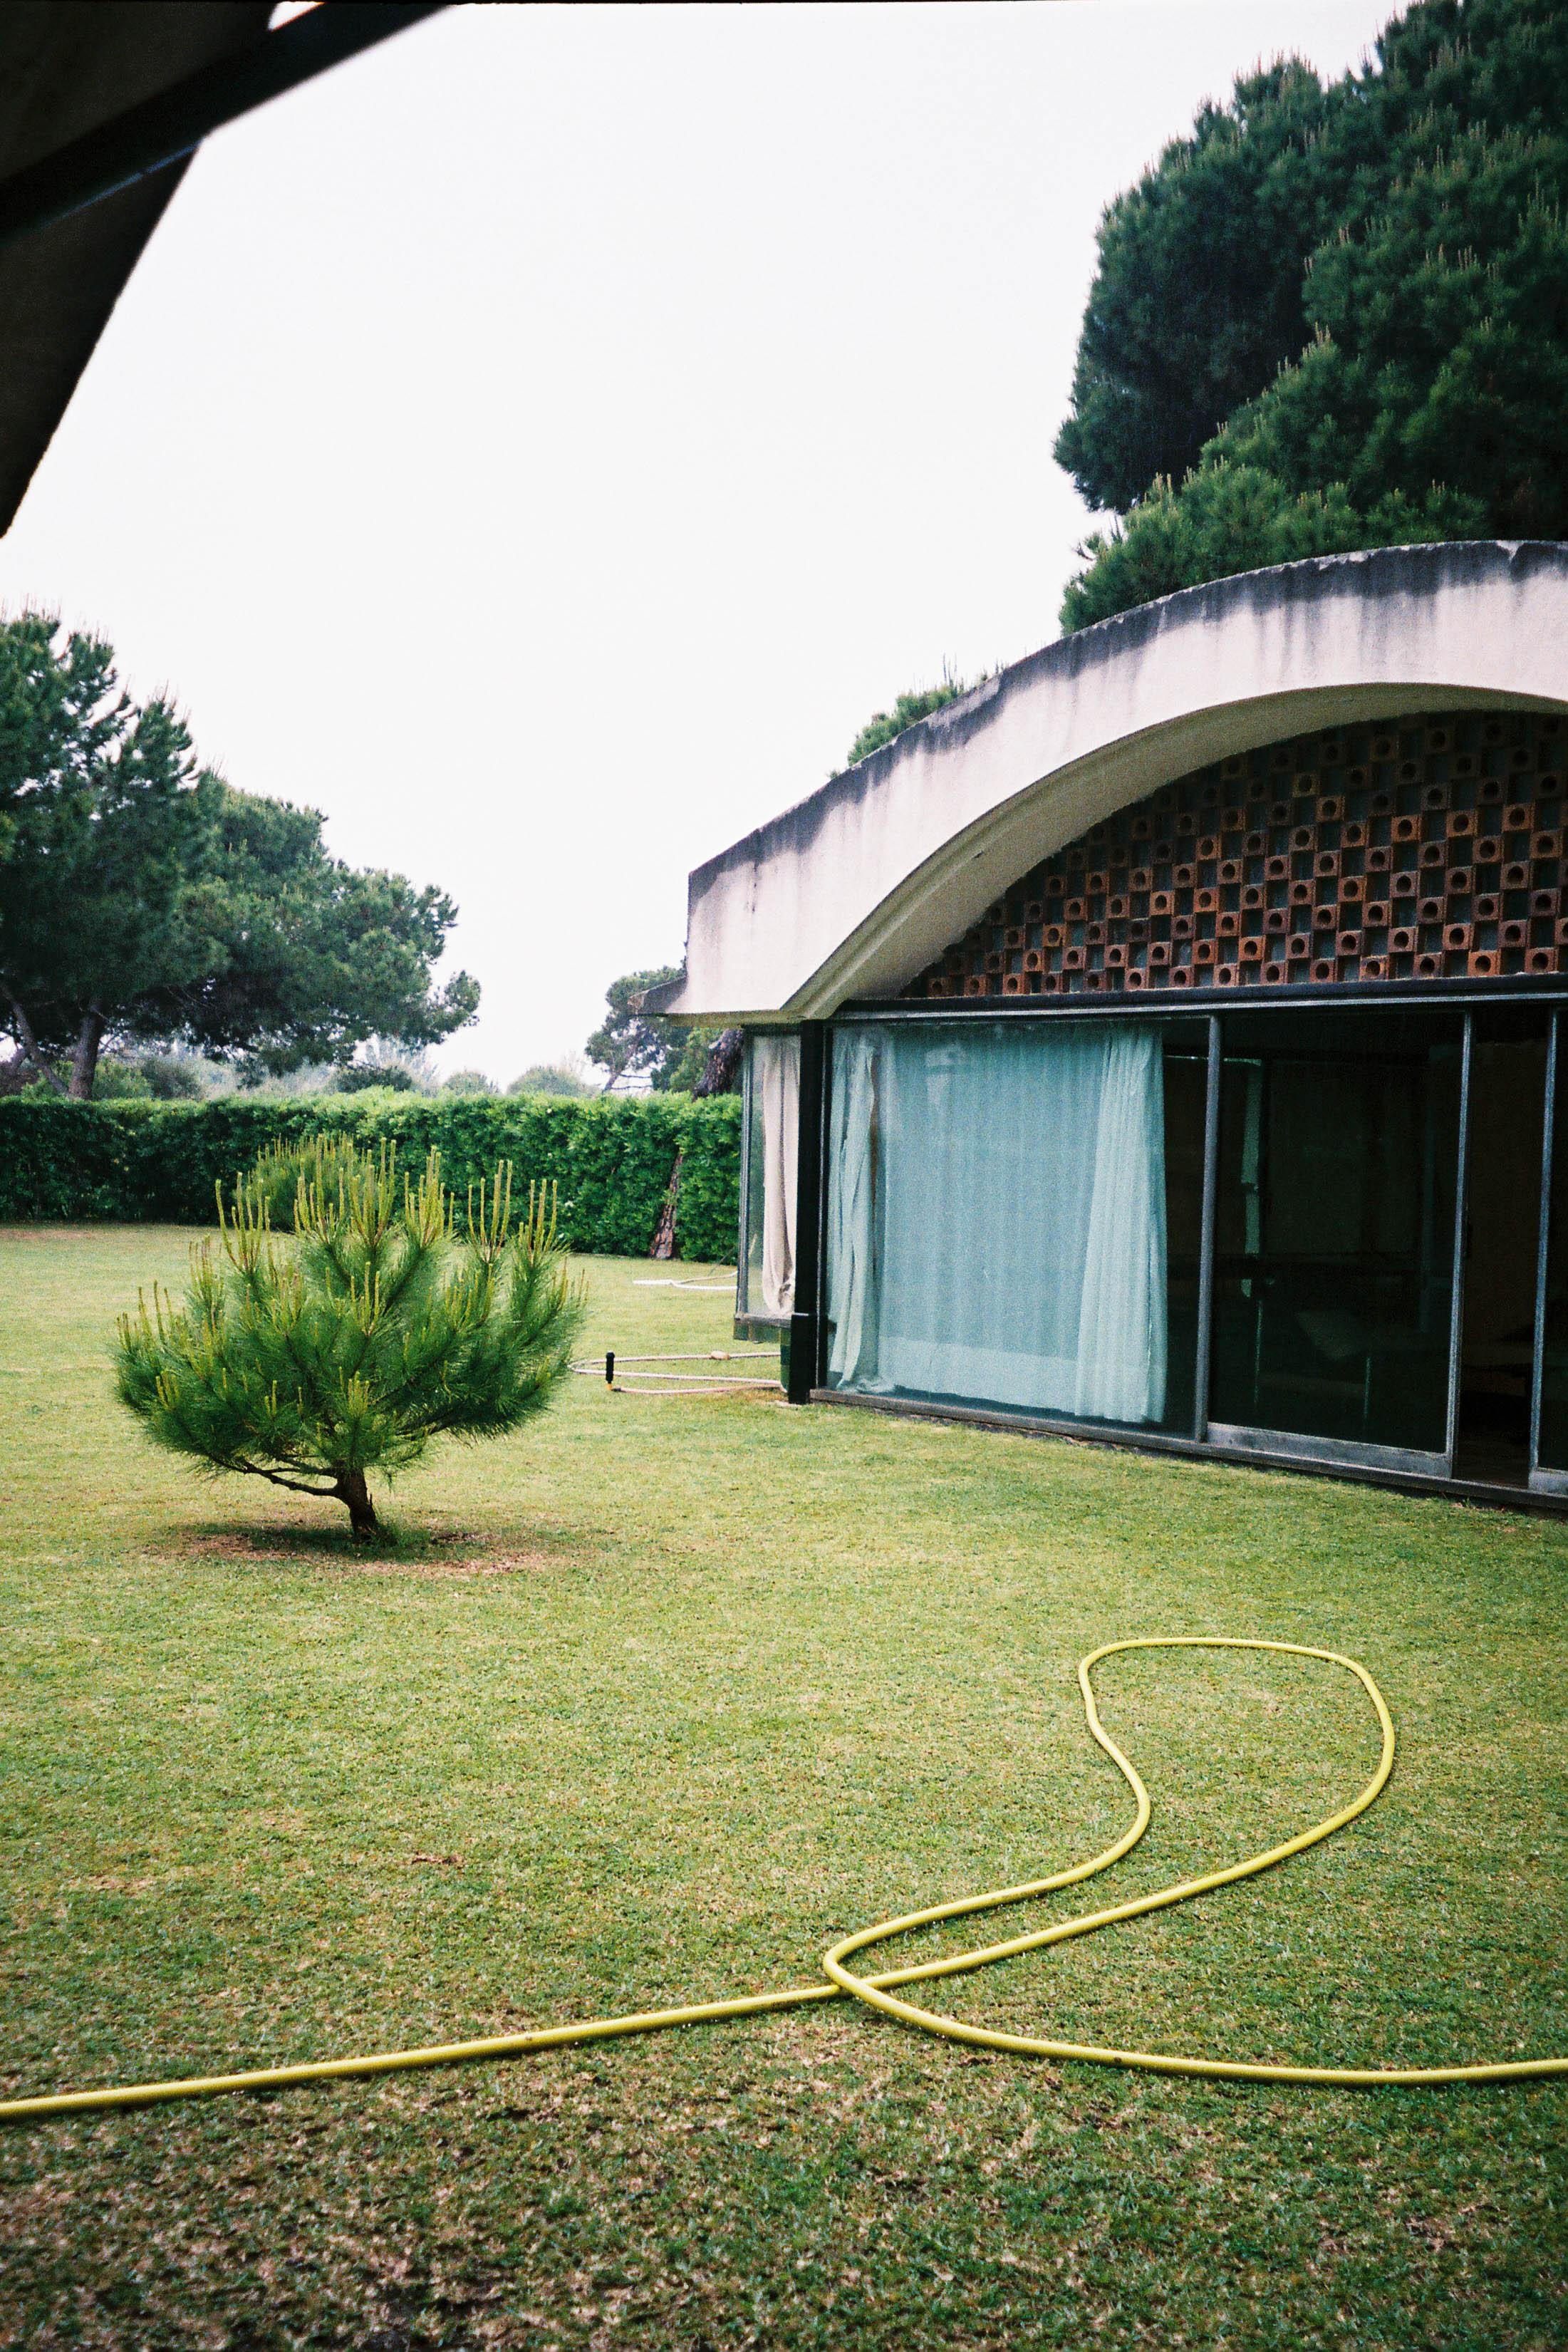 http://lafilladelfotografu.irenavisa.com/files/gimgs/110_03062019-cnv000009.jpg